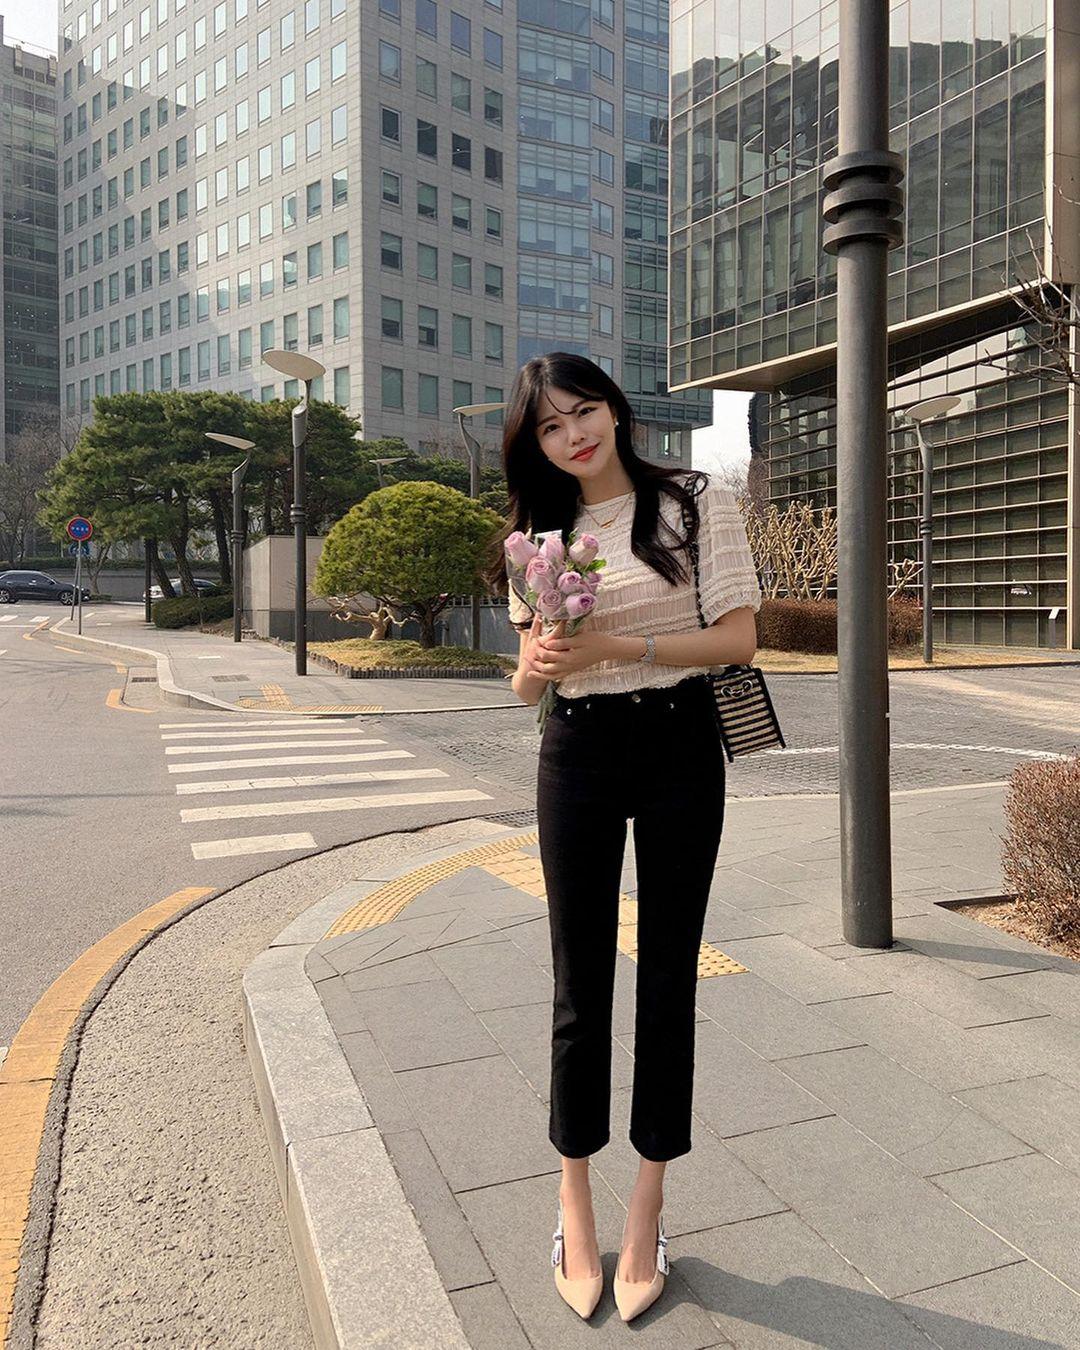 """Học nàng blogger Hàn cách diện jeans """"đỉnh của chóp"""": Vừa hack dáng vừa thanh lịch để đến sở làm - Ảnh 7"""